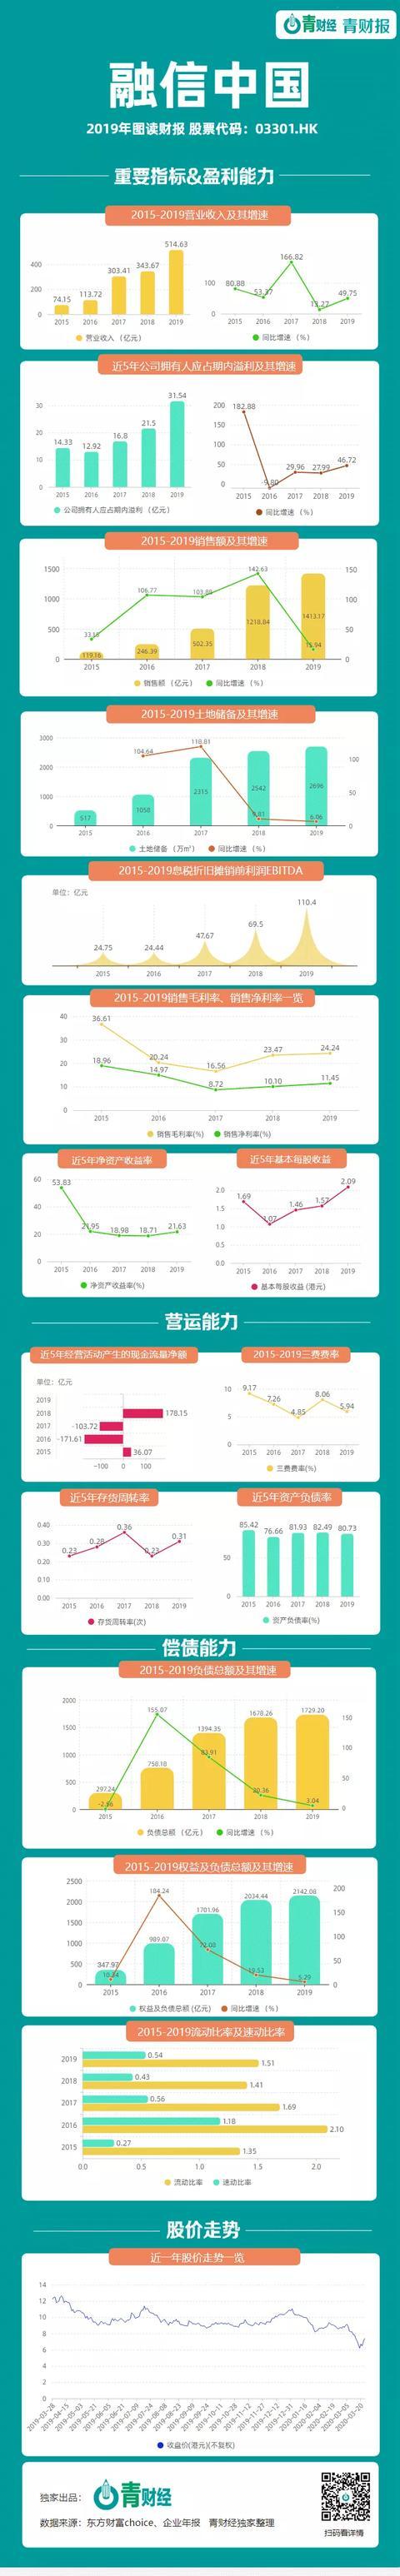 融信中国全年营收和净利润实现双增 净负债率下降至70%